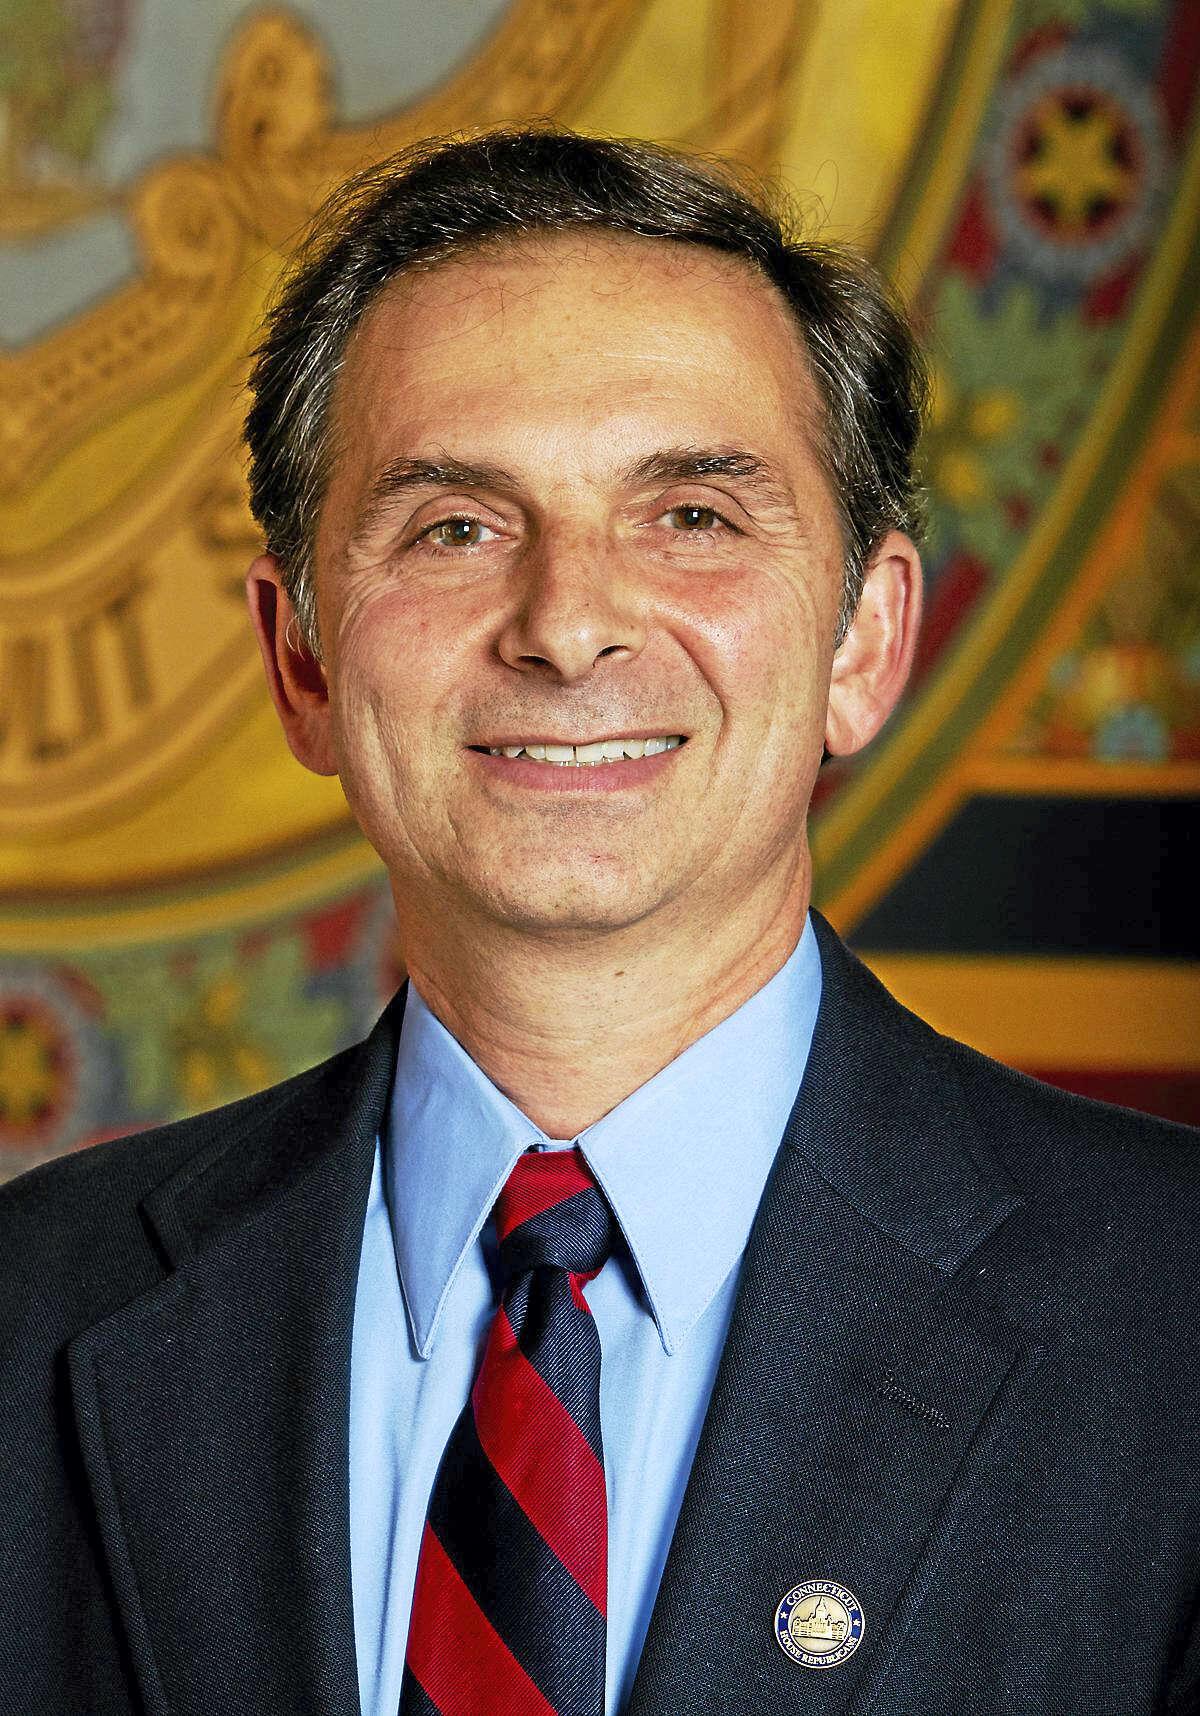 State Rep. Dave Yaccarino